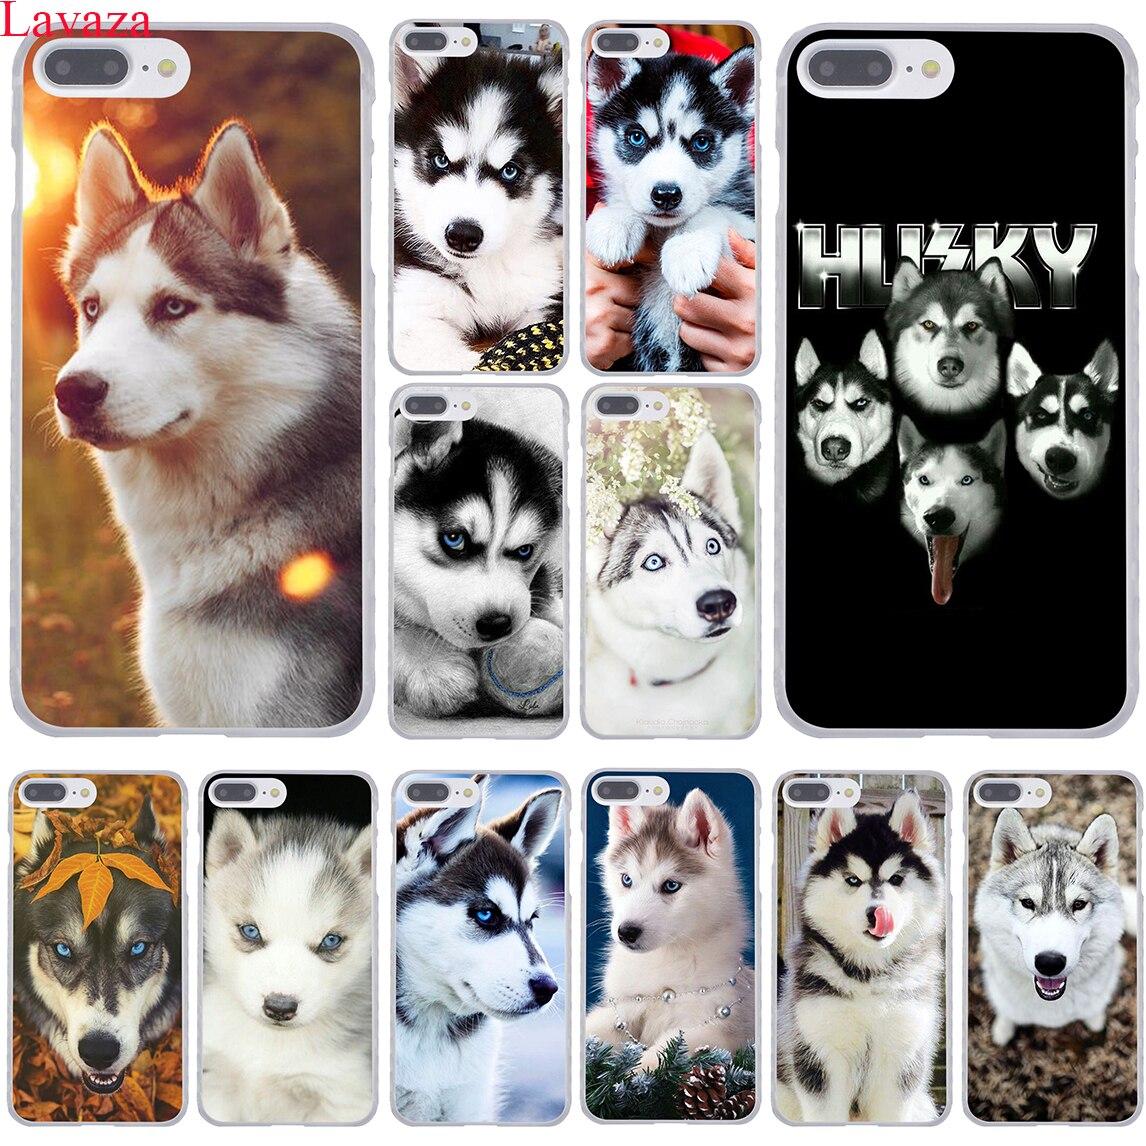 husky iphone 7 plus case